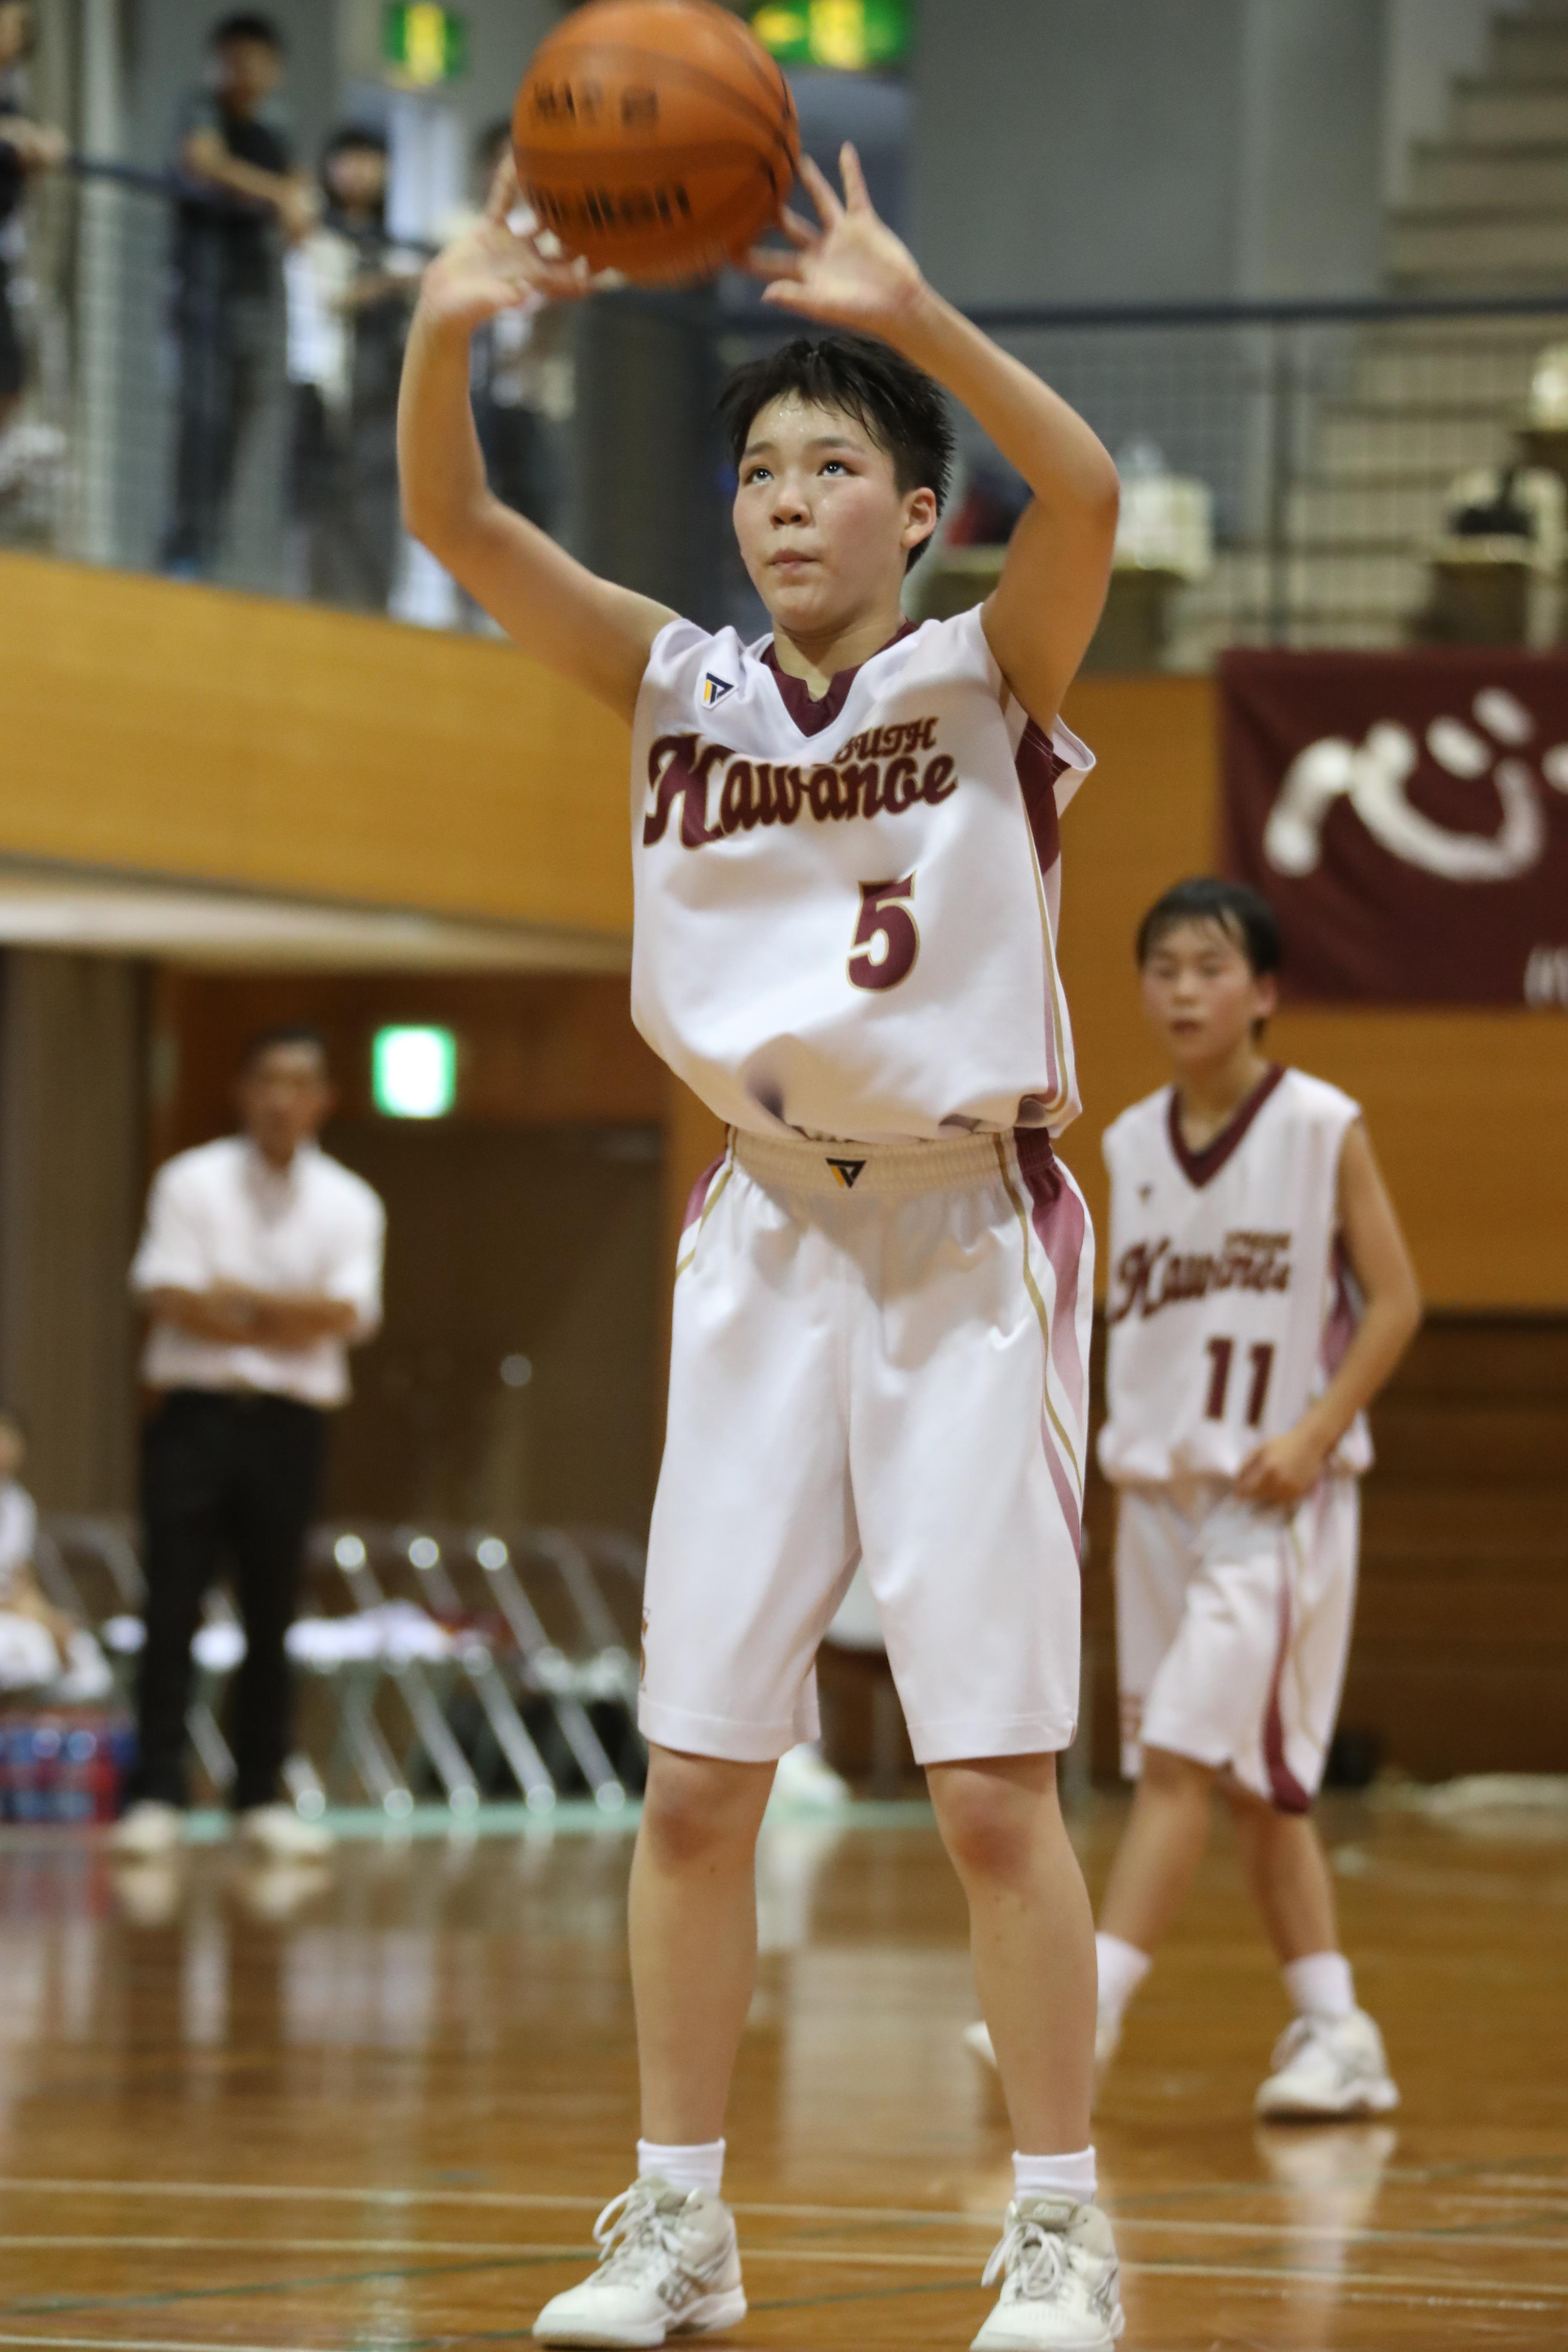 バスケット (103)